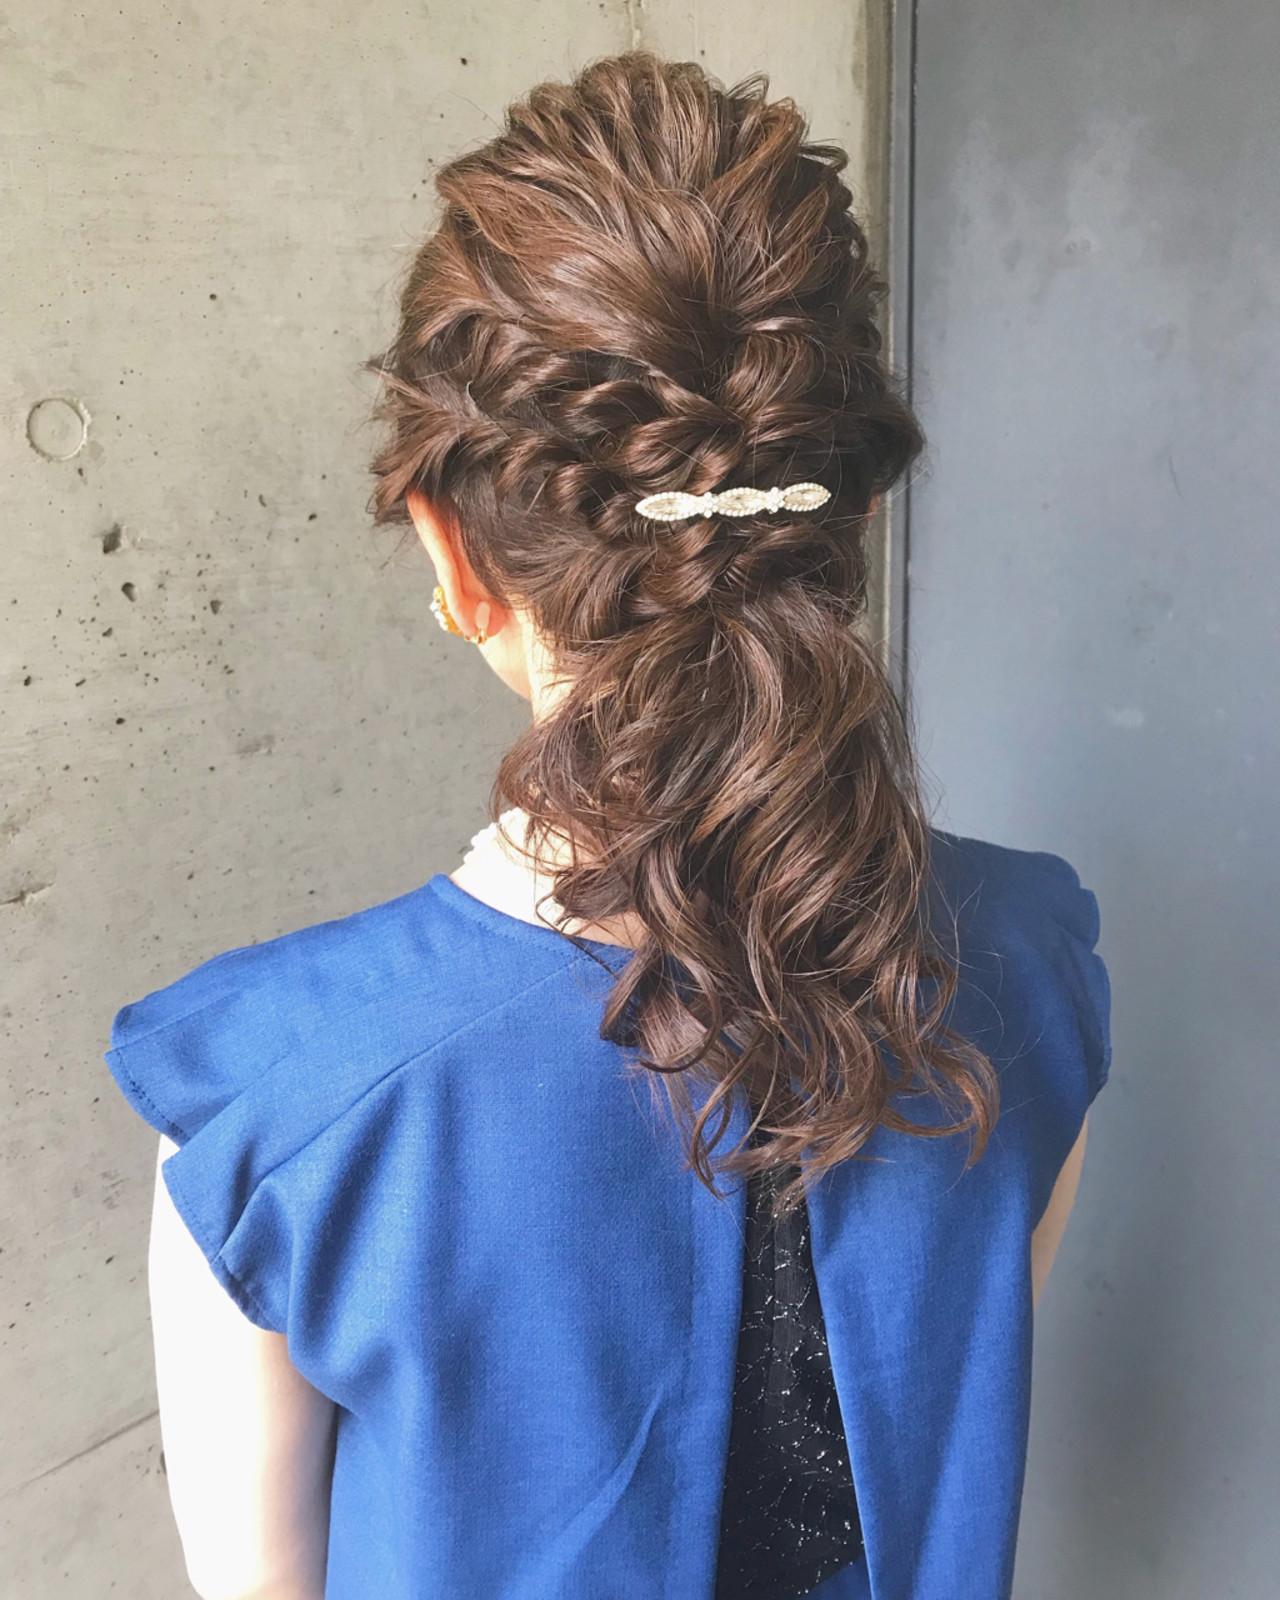 髪量多くてもOK!ふんわりロングポニー ♡ m i w a ♡schritt渋谷